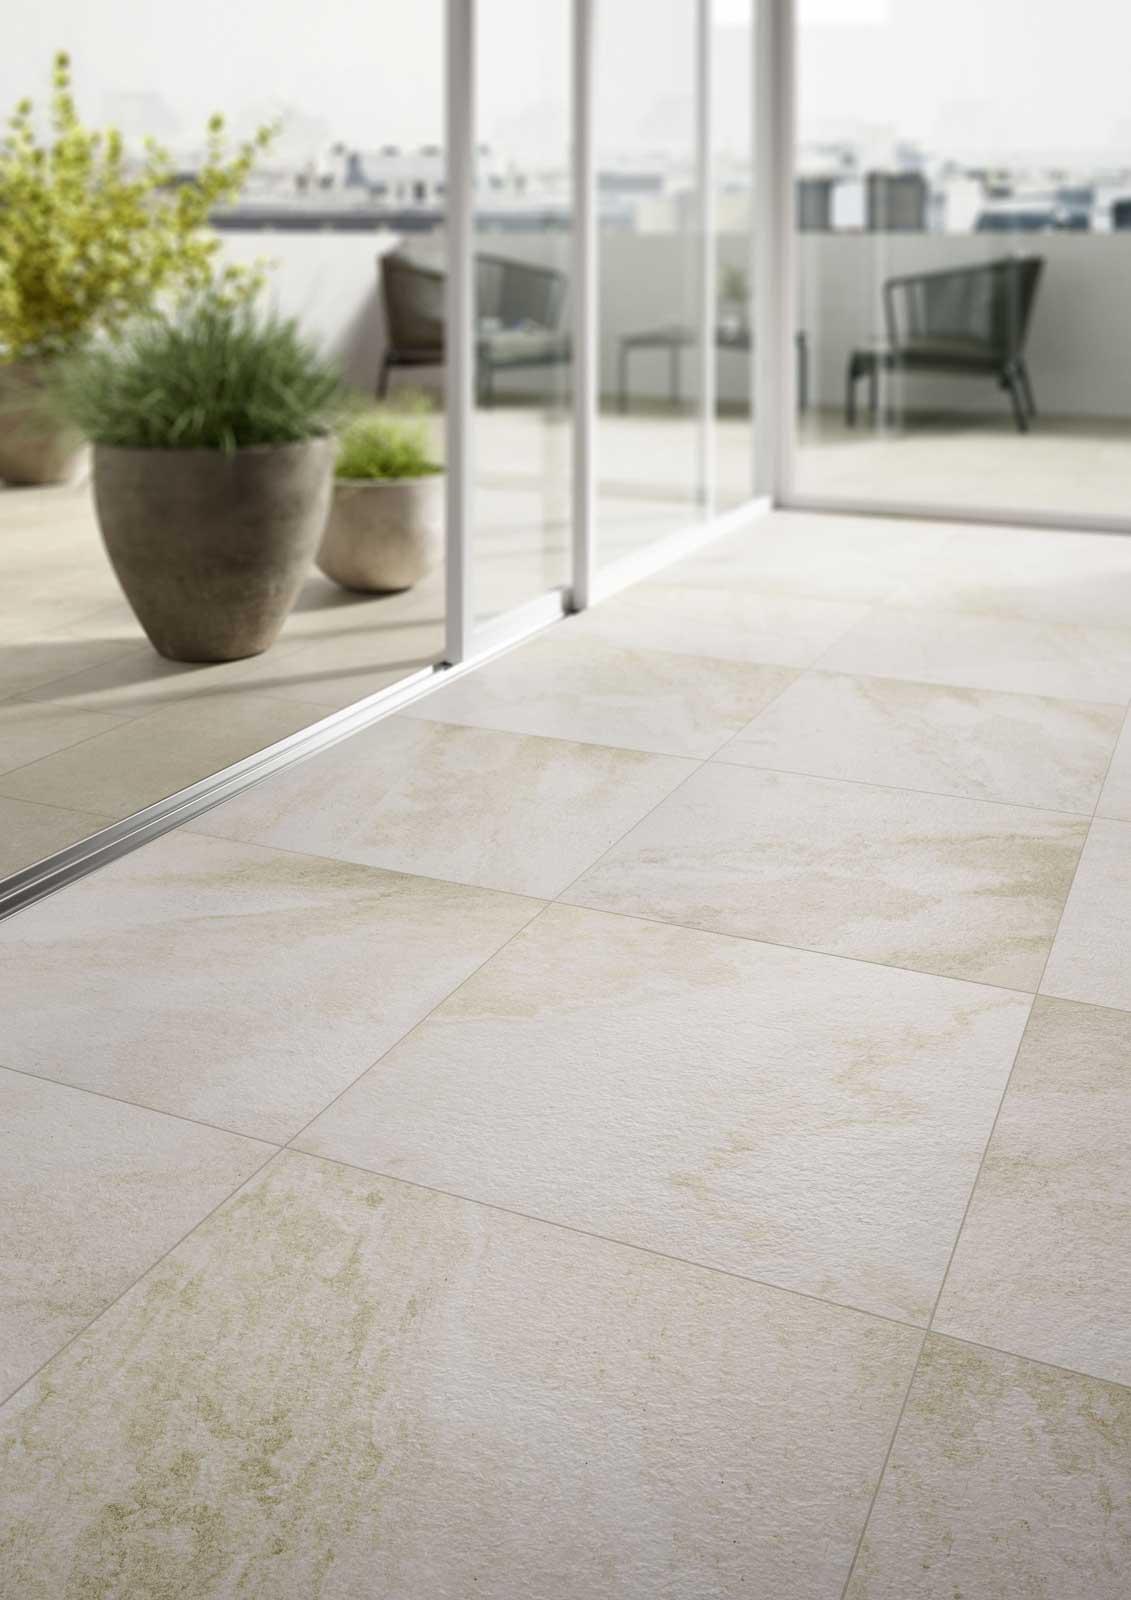 Pavimenti per interni ed esterni le collezioni marazzi - Pavimenti in piastrelle di ceramica ...